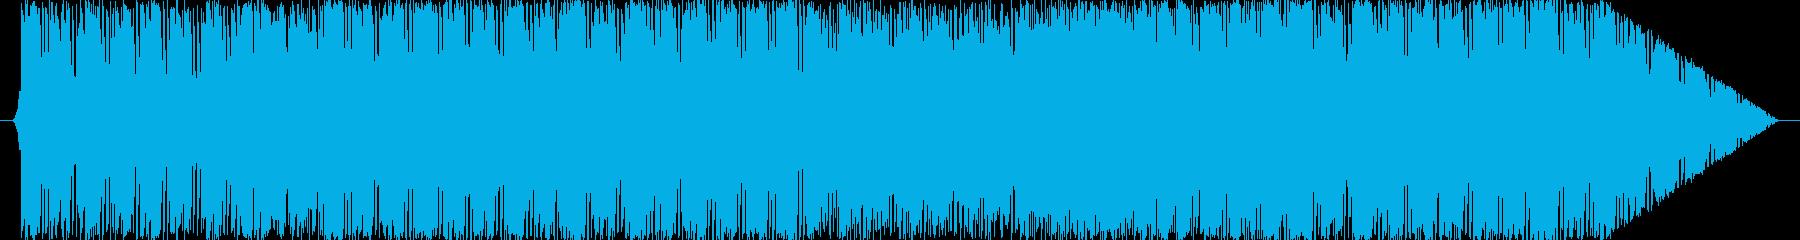 ミドルテンポの打ち込みロック戦闘曲の再生済みの波形